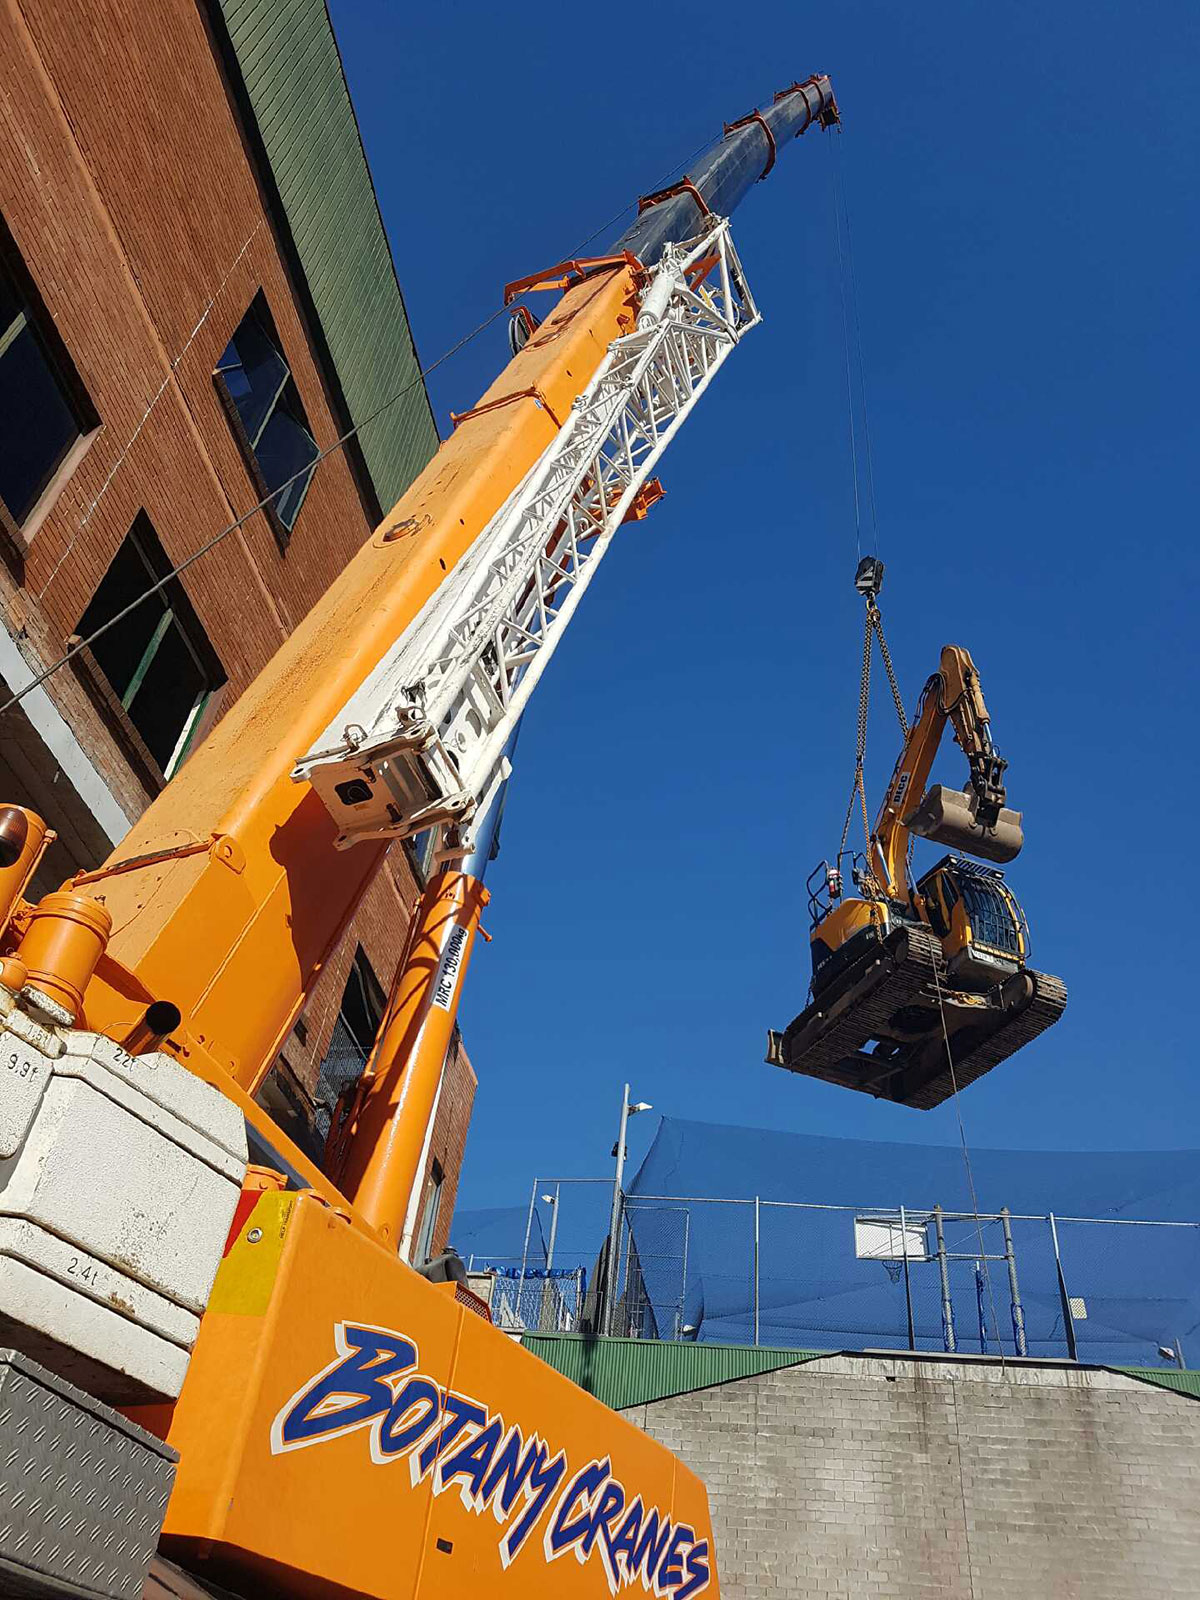 Botany Cranes Excavator Lift